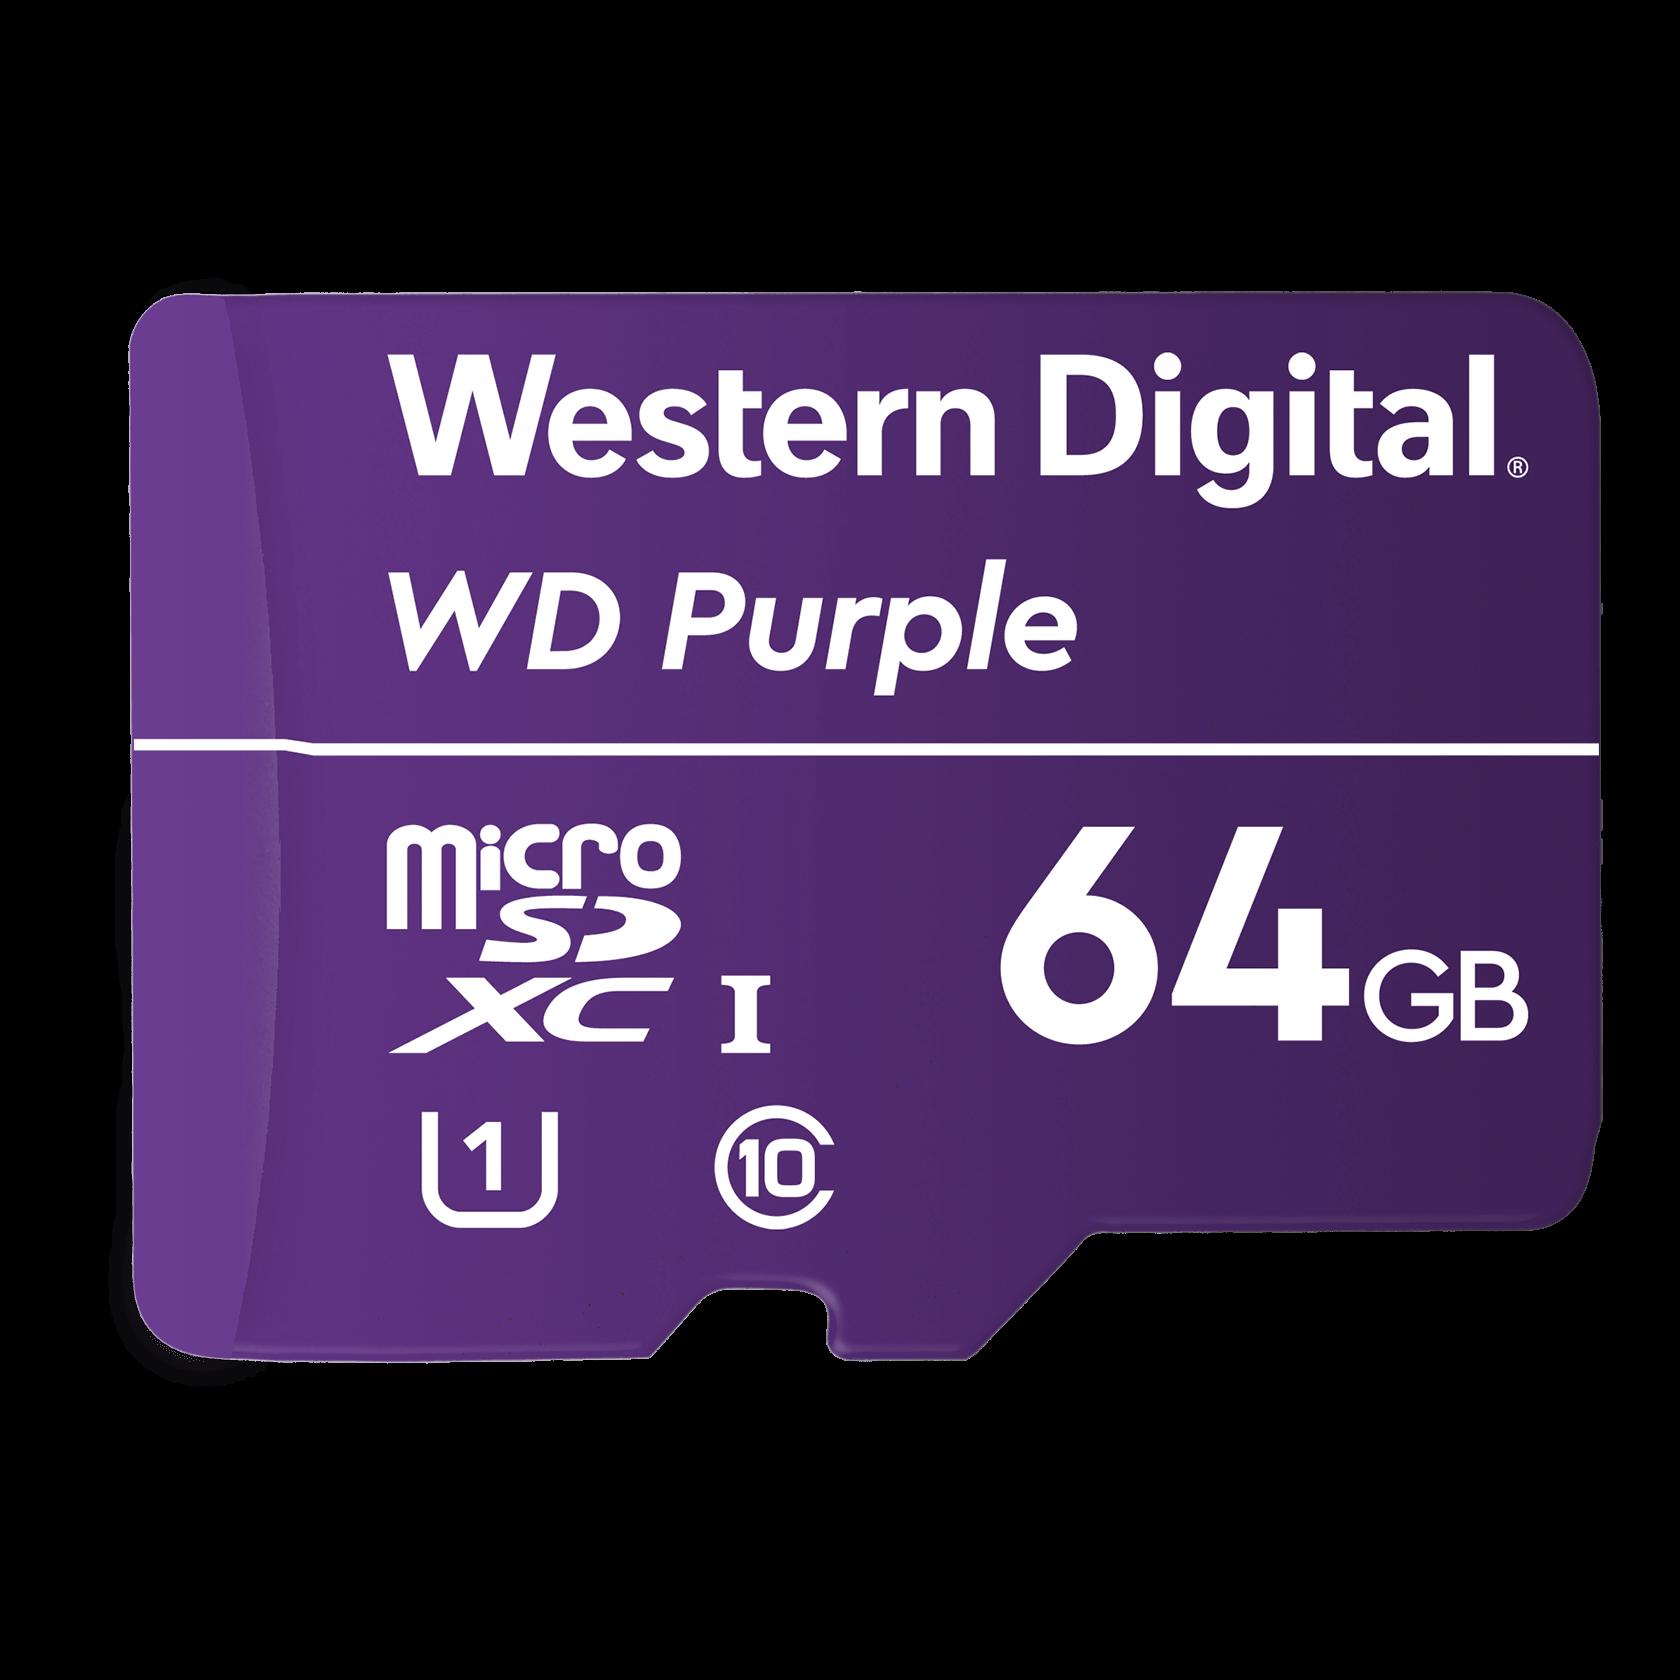 Western Digital WD MicroSD 64GB, Purple - WDD064G1P0A ...